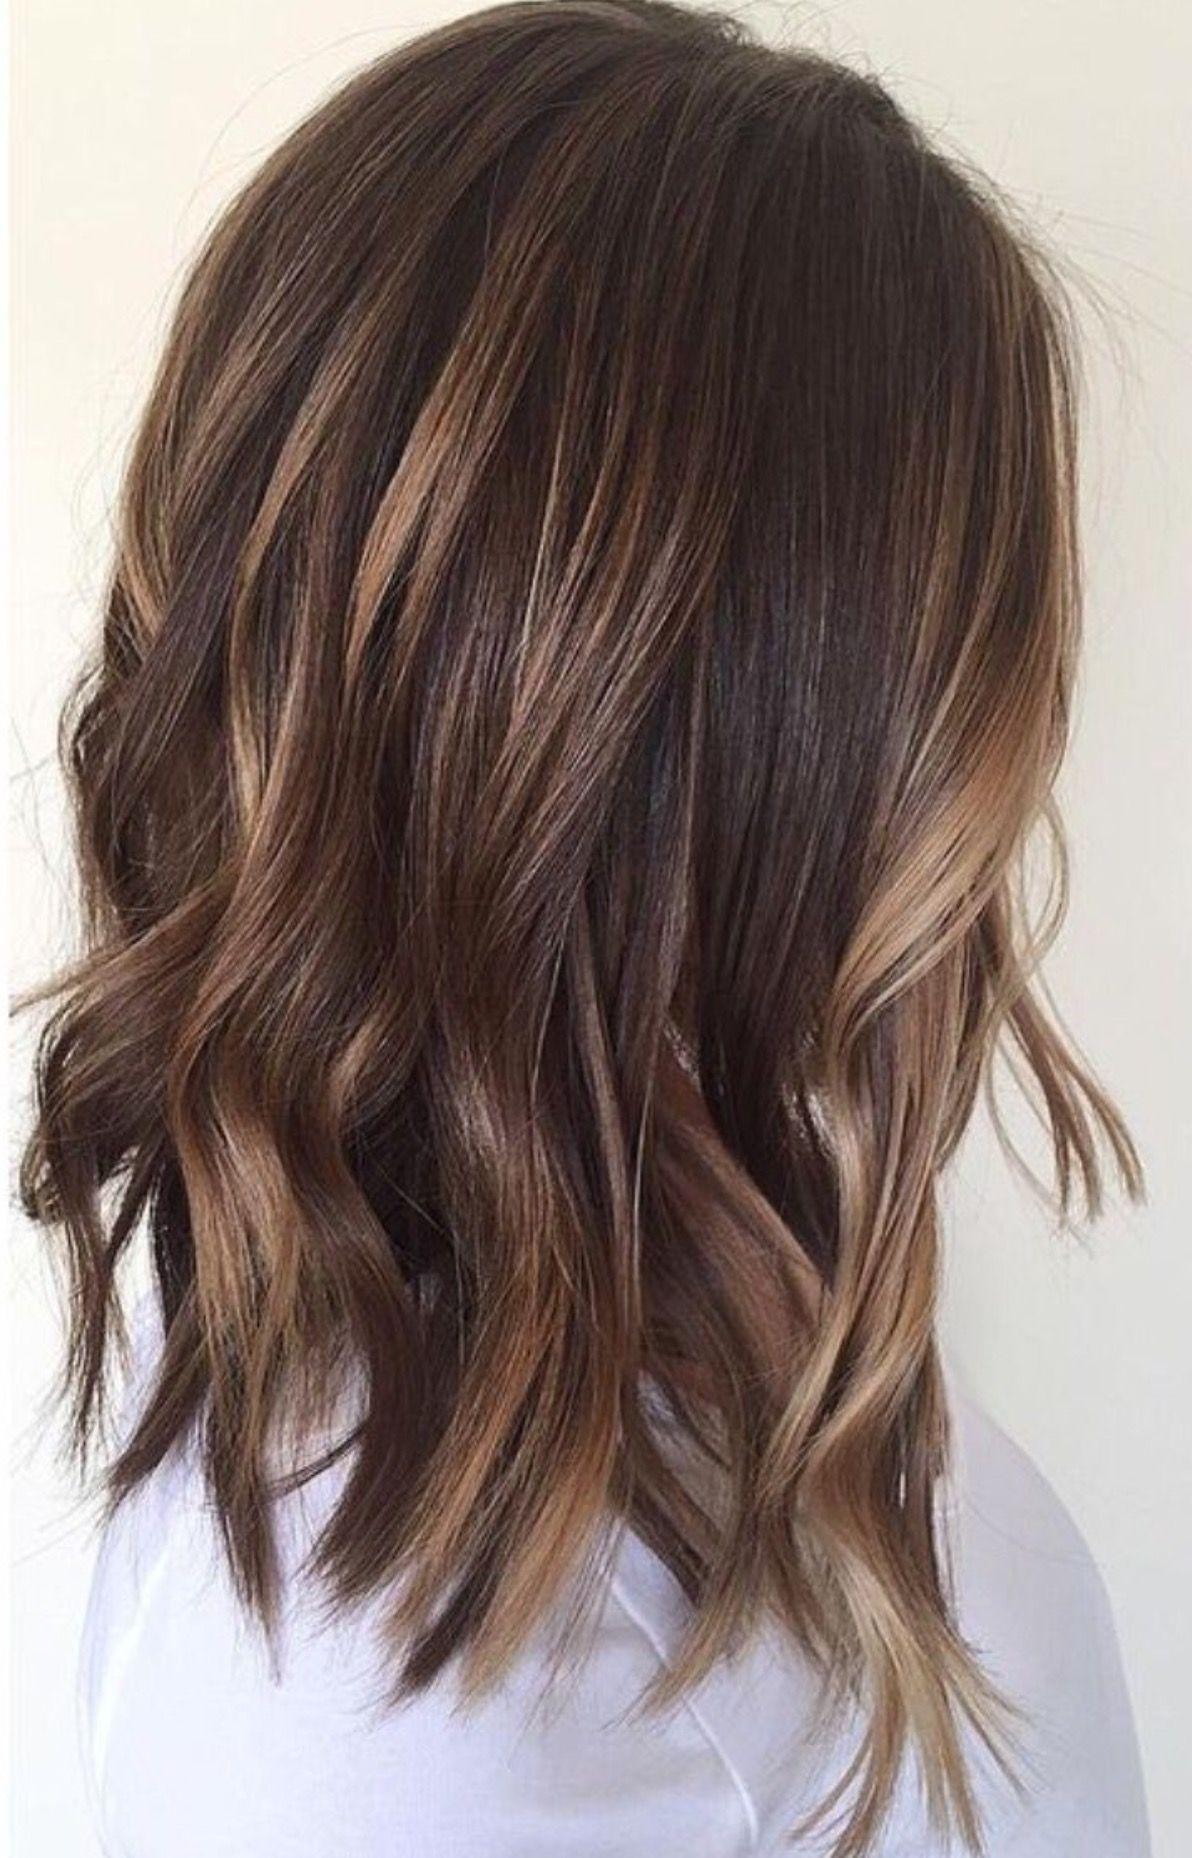 Glossy Brown And Balayage Mid Length Lob Shoulder Length Hair Hair Styles Hair Lengths Hair Color